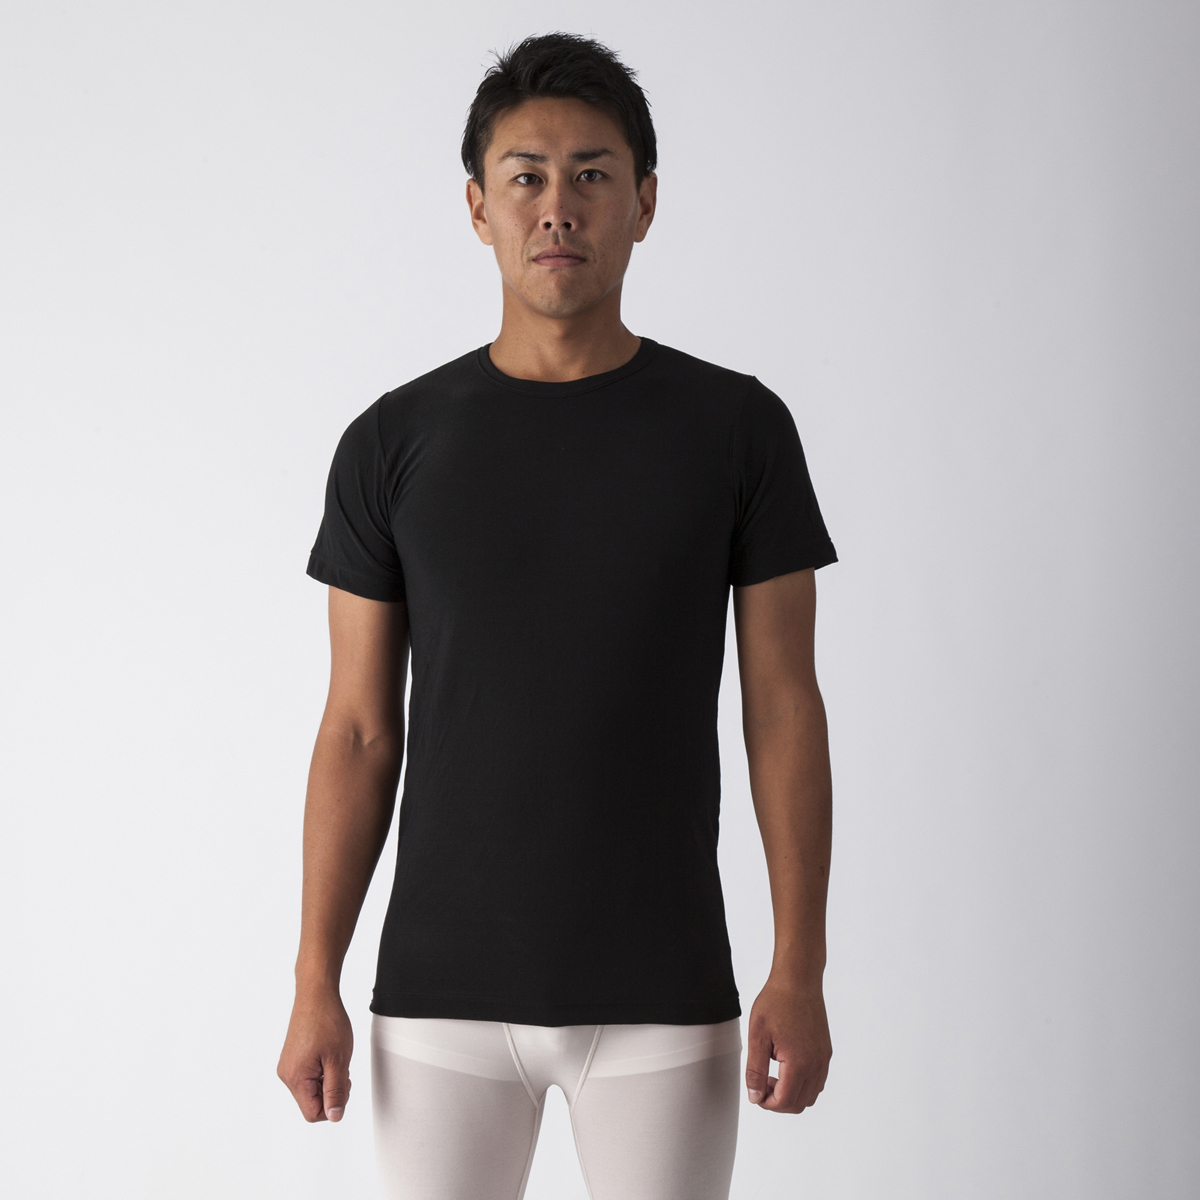 サポータス インナー (紳士用半袖シャツ)